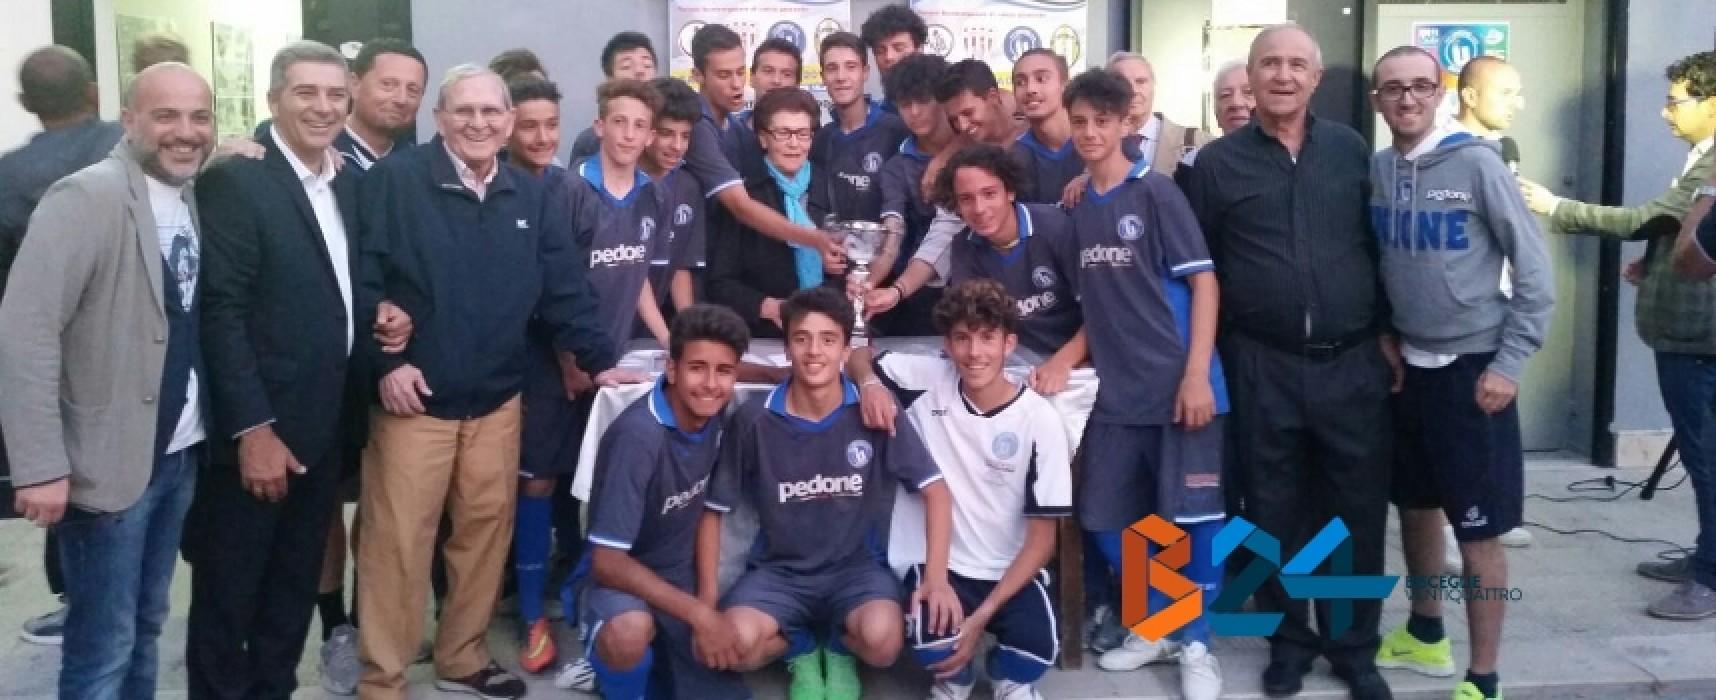 L'Unione Calcio trionfa nel 3° memorial Adriano Biscaro/FOTO